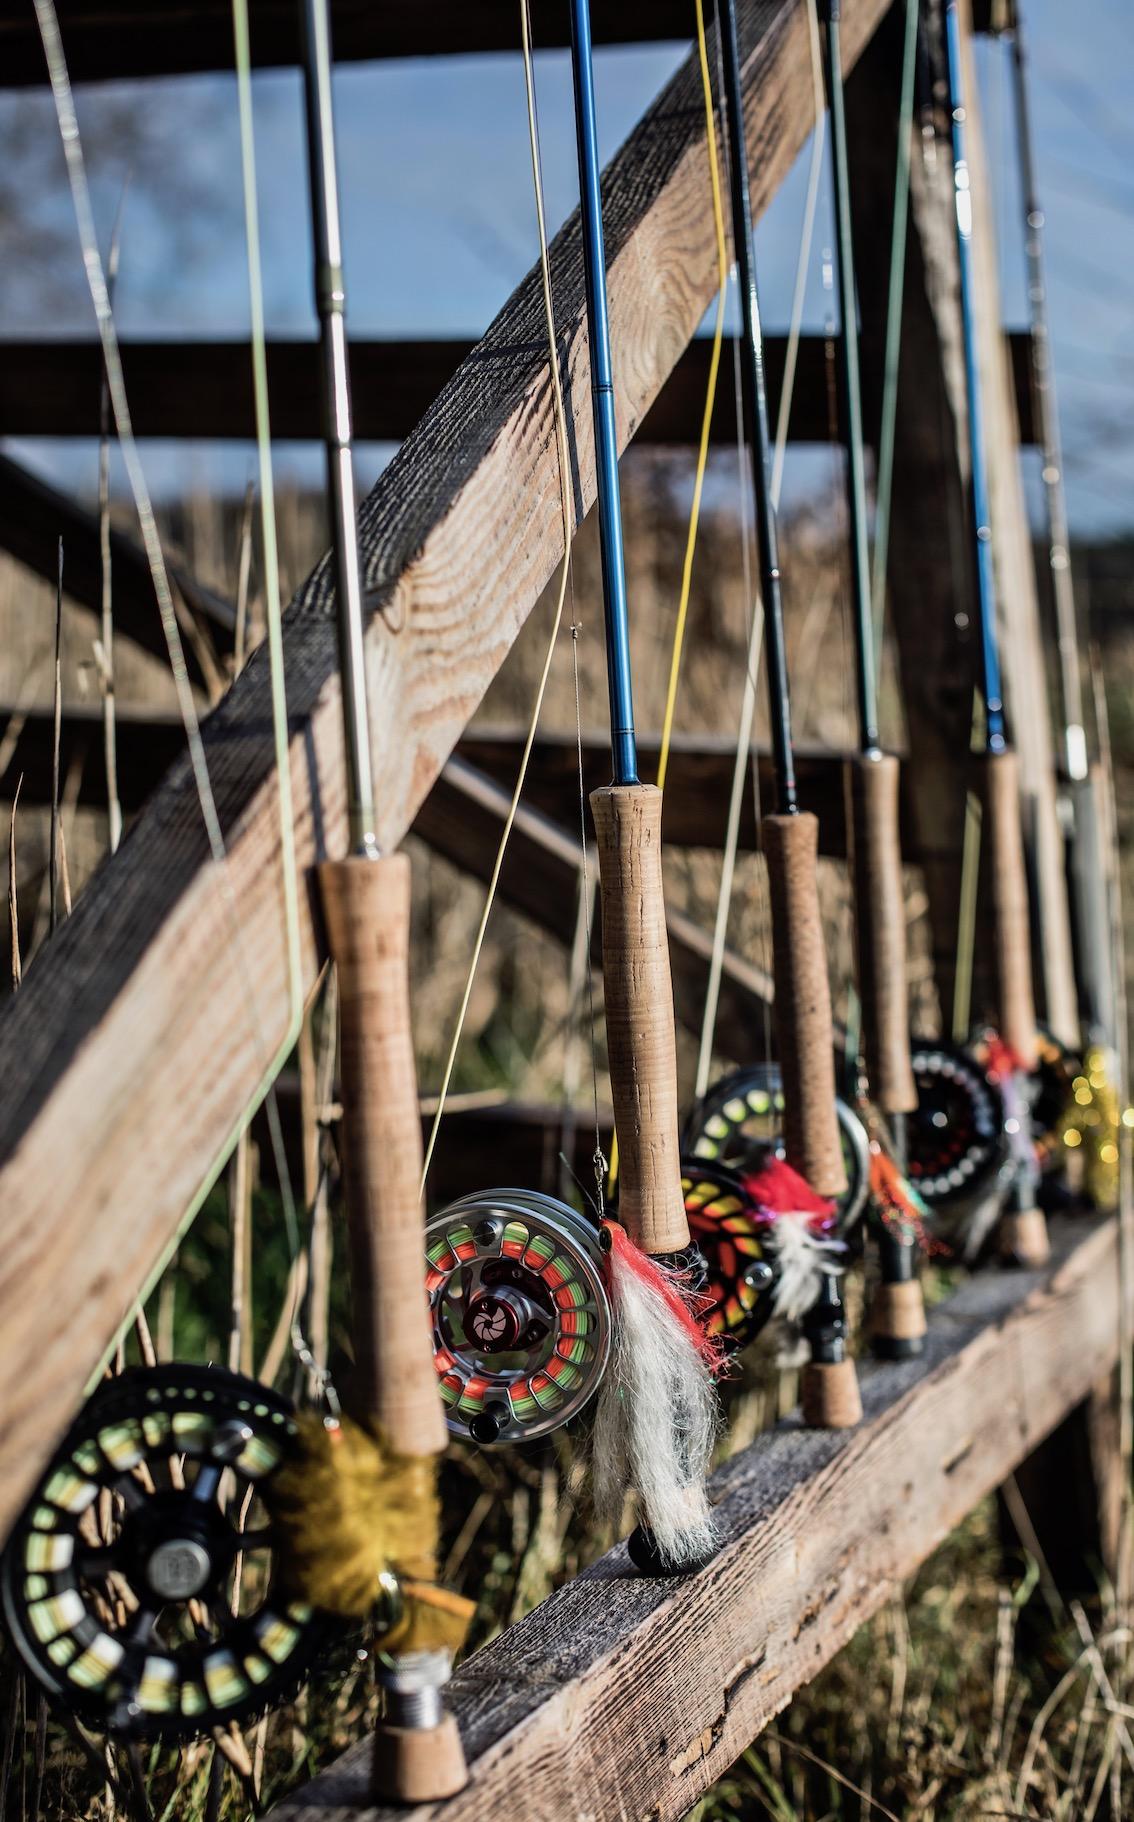 Fliegenfischerkurs: Fliegenfischen für Anfänger